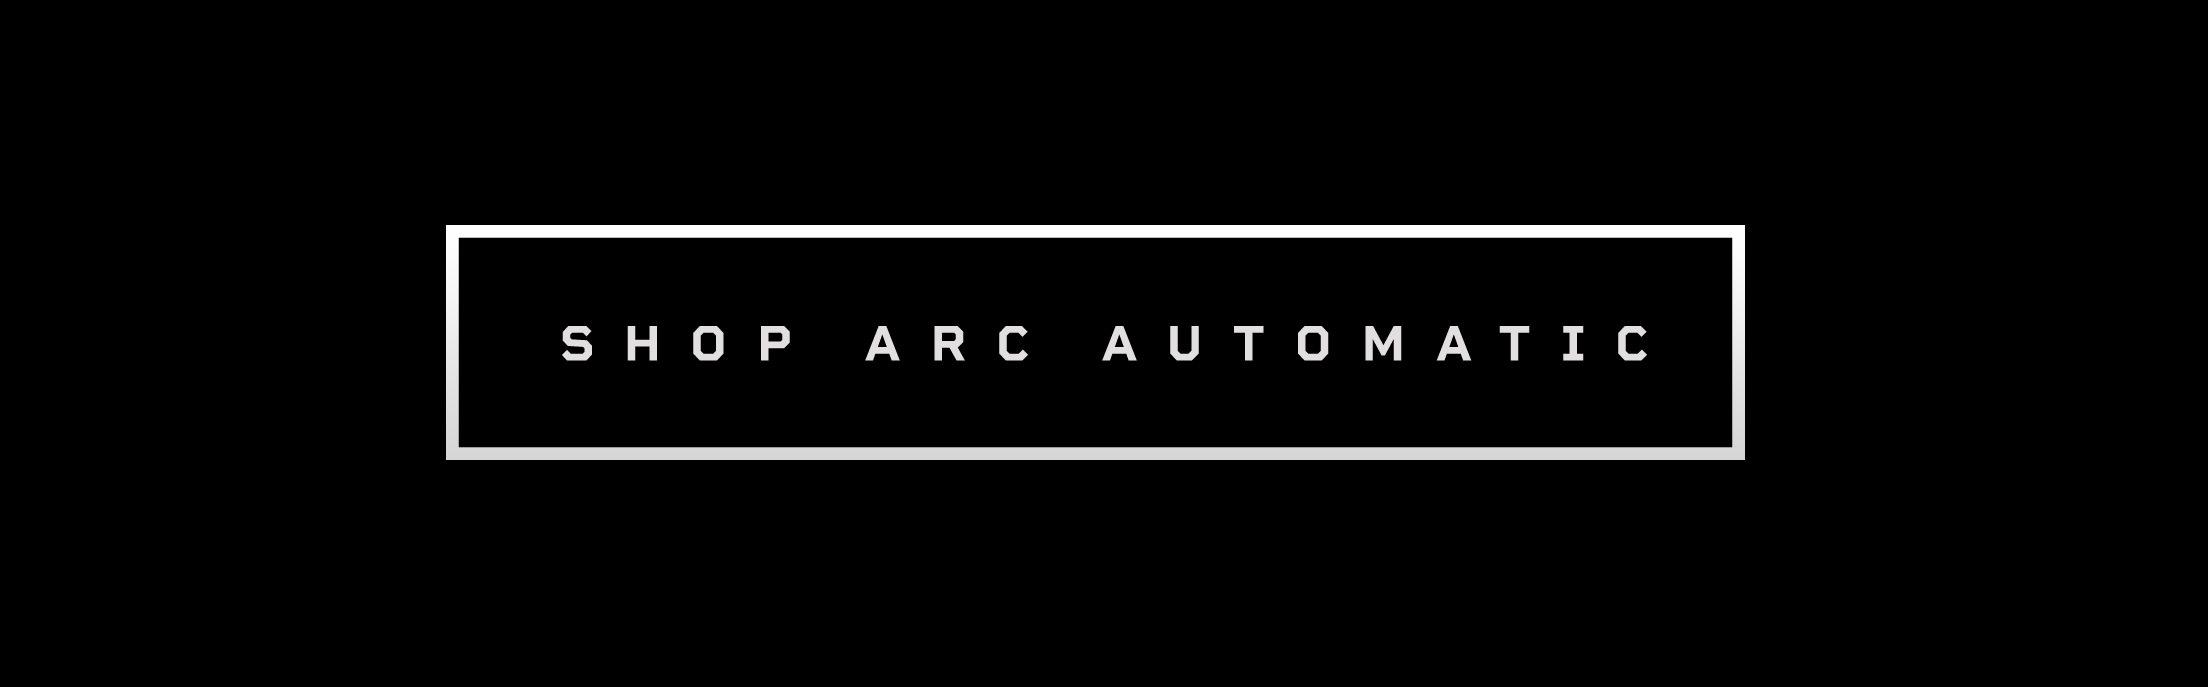 Shop Arc Automatic